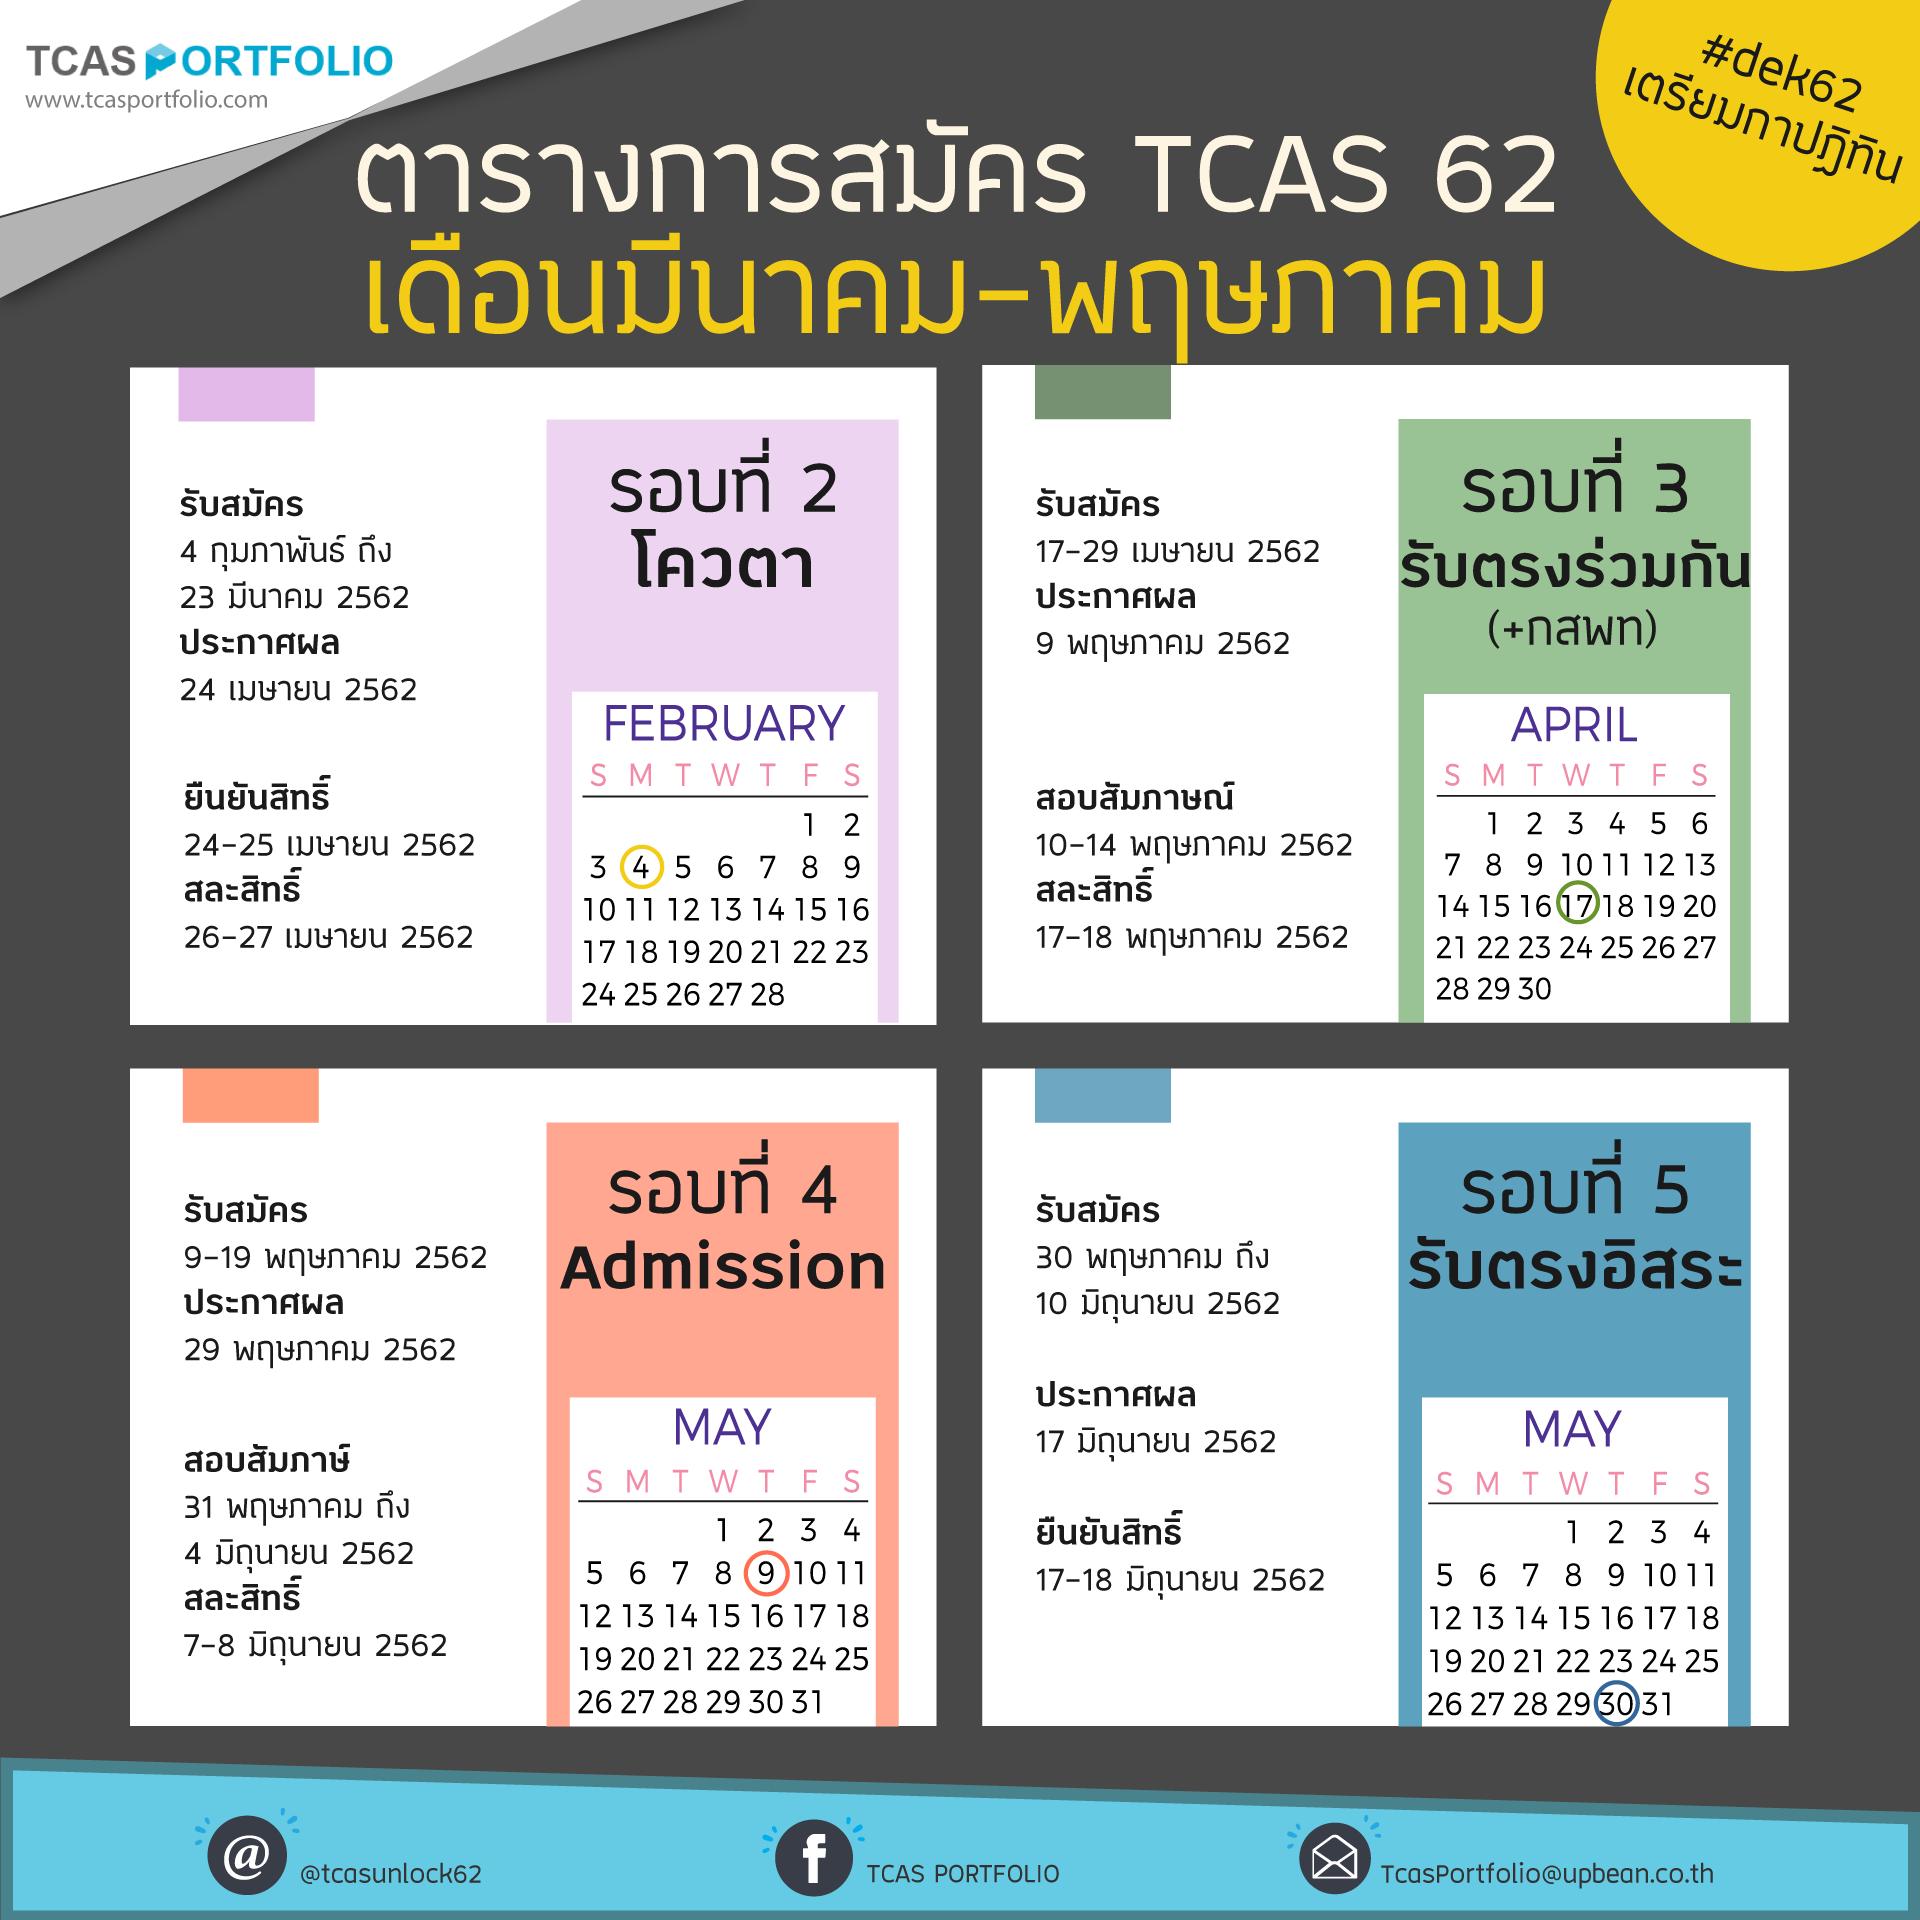 ปฏิทิน TCAS 62 และรายละเอียดวันที่รับสมัคร